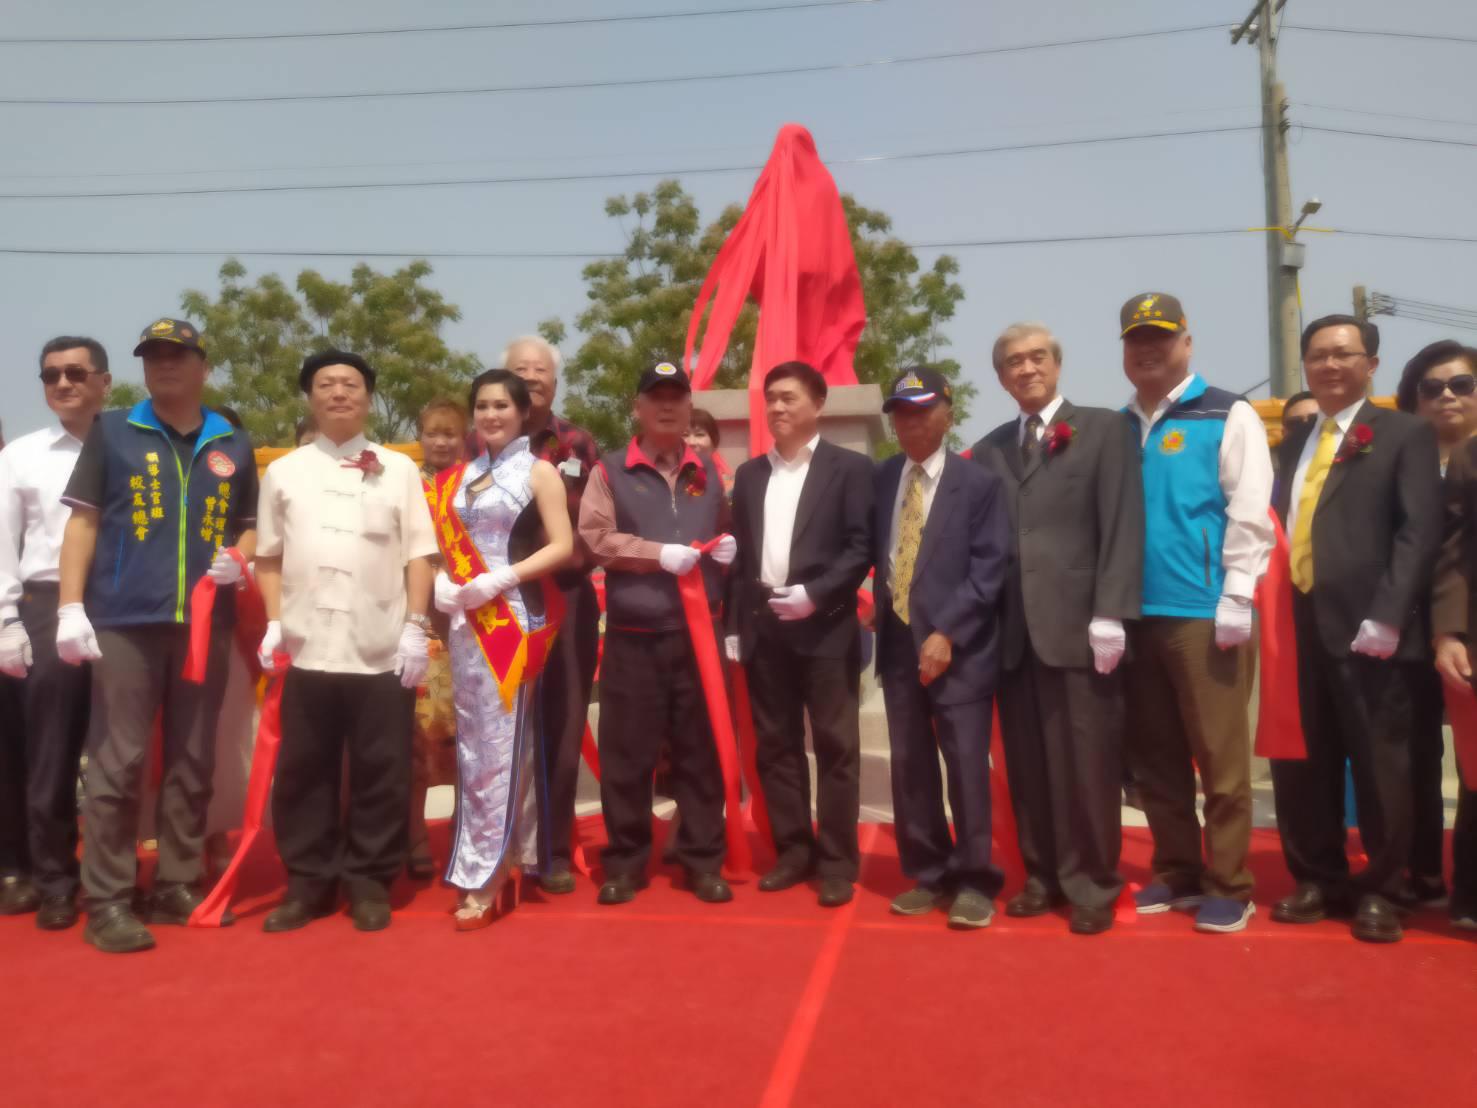 獅象山文化園區舉行郝柏村紀念銅像揭幕典禮